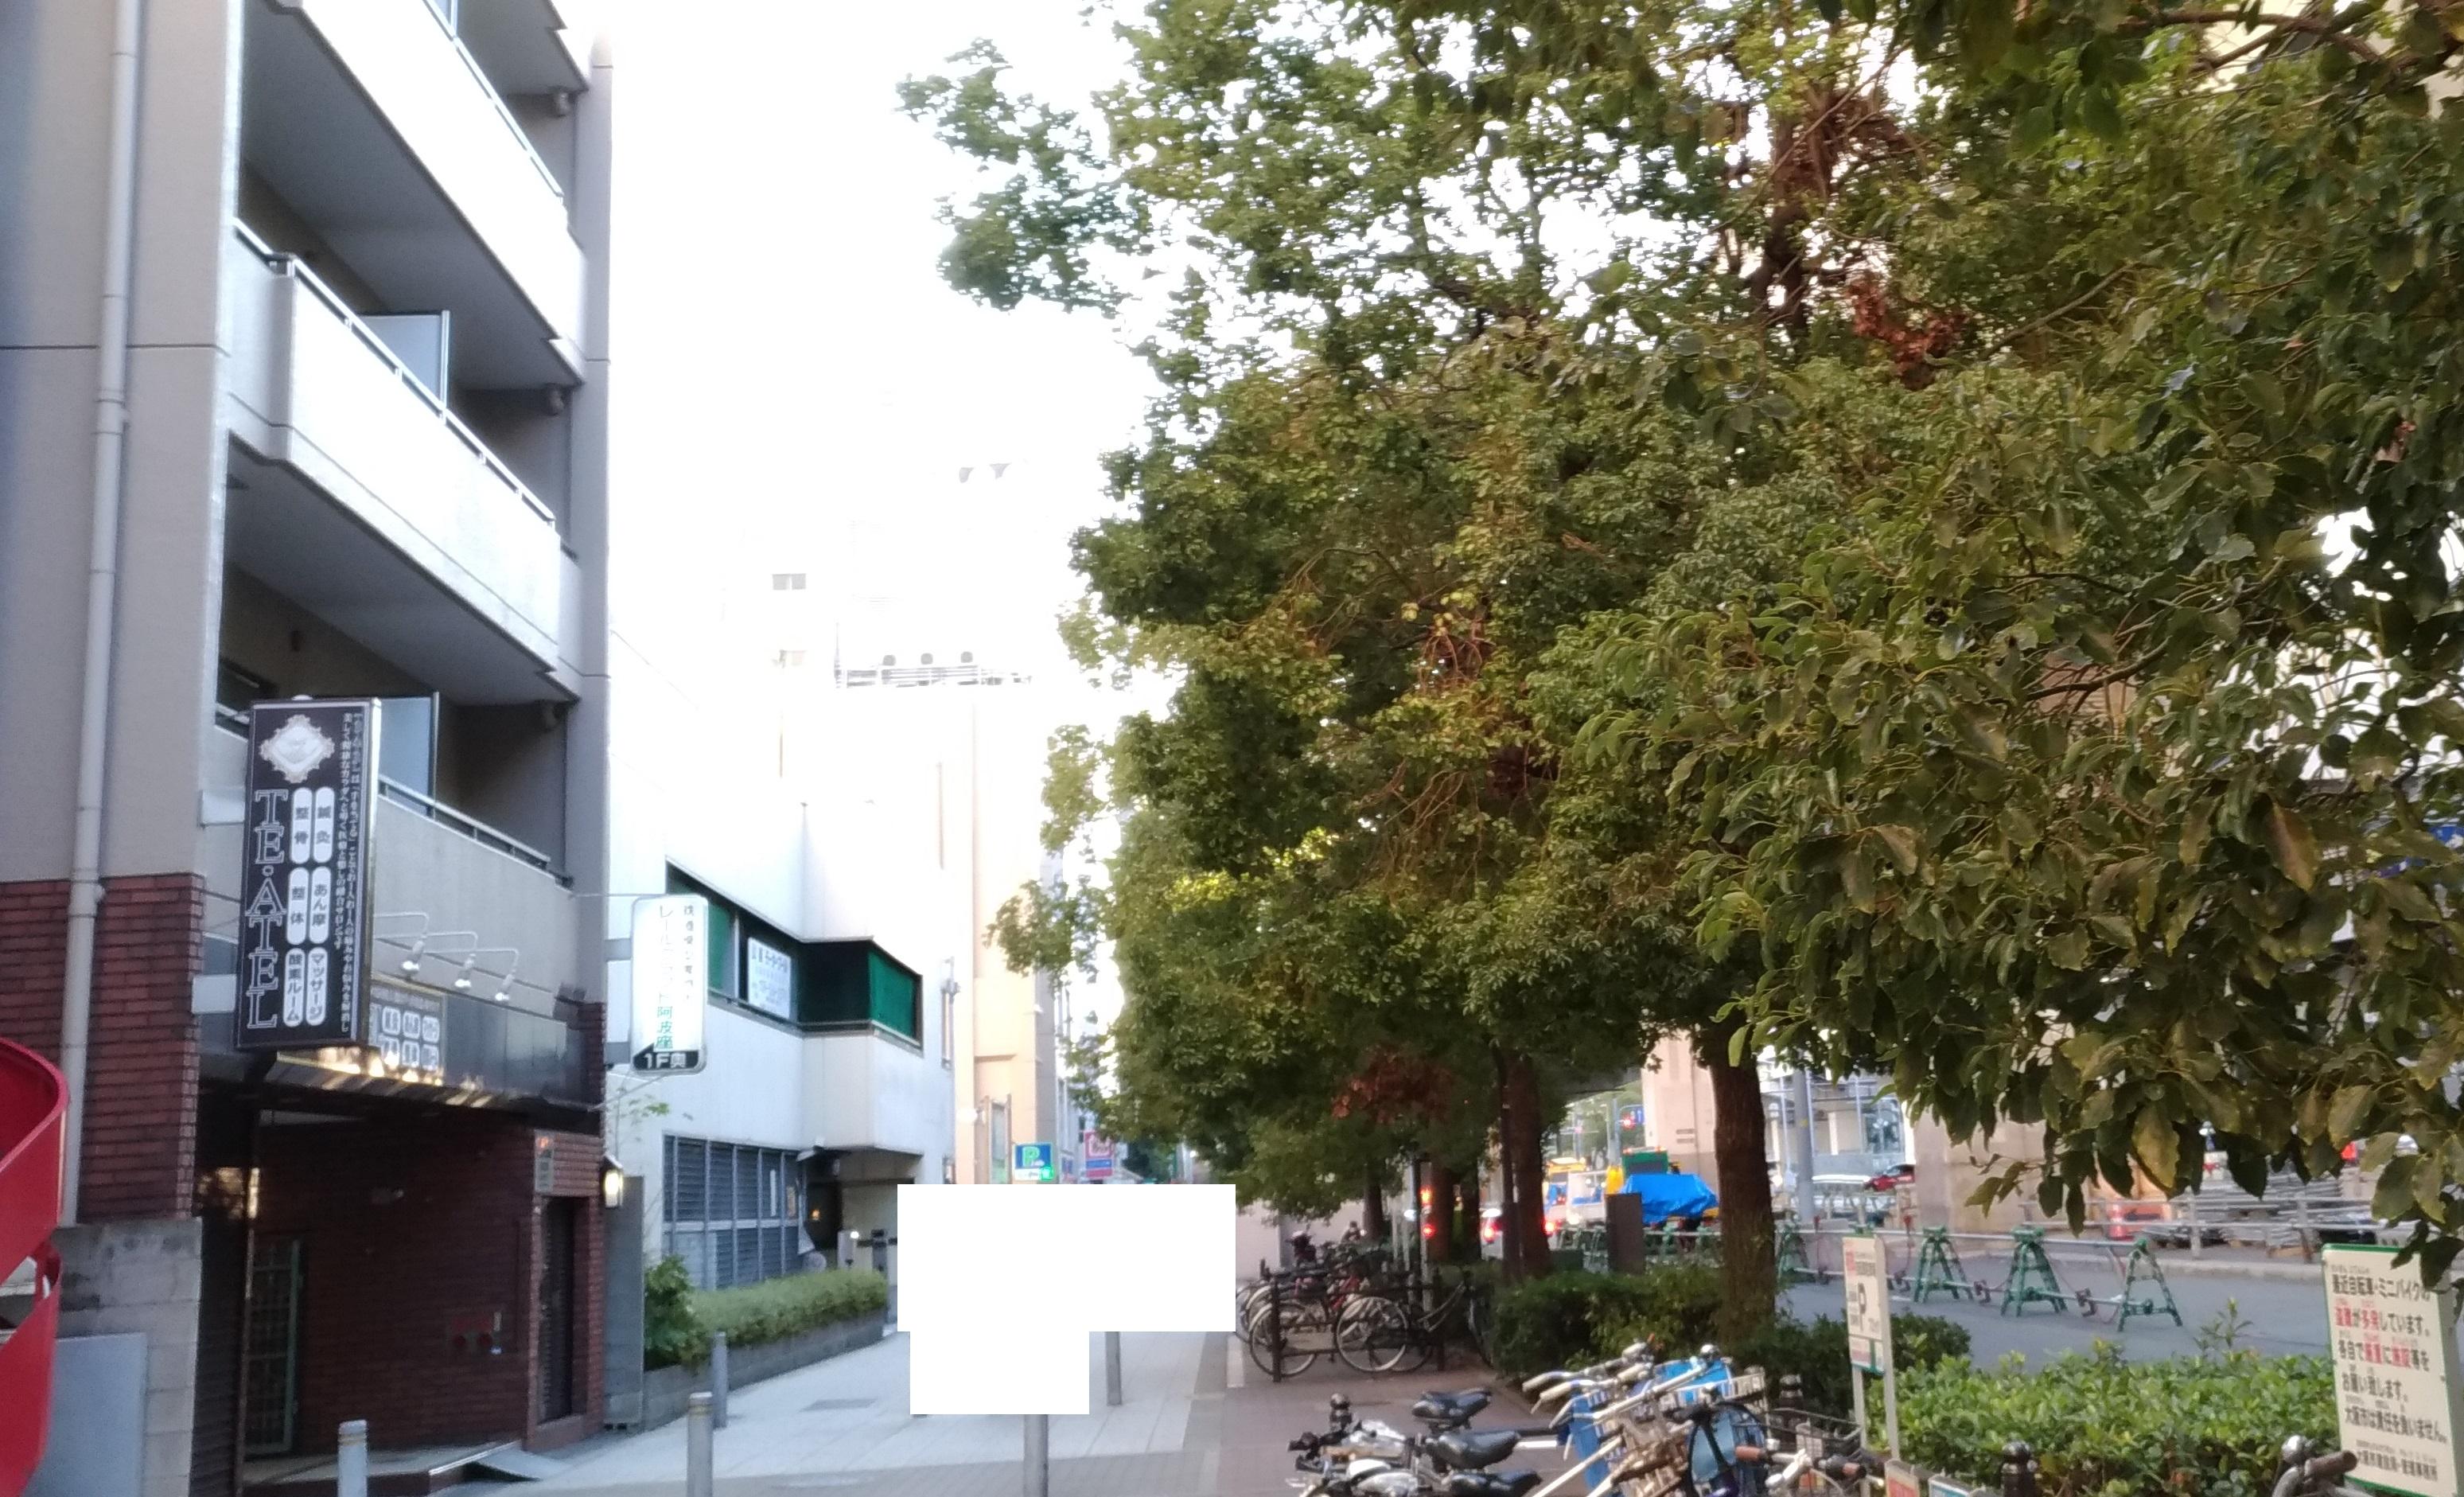 osaka_awaza_yayoiken_open2.jpg